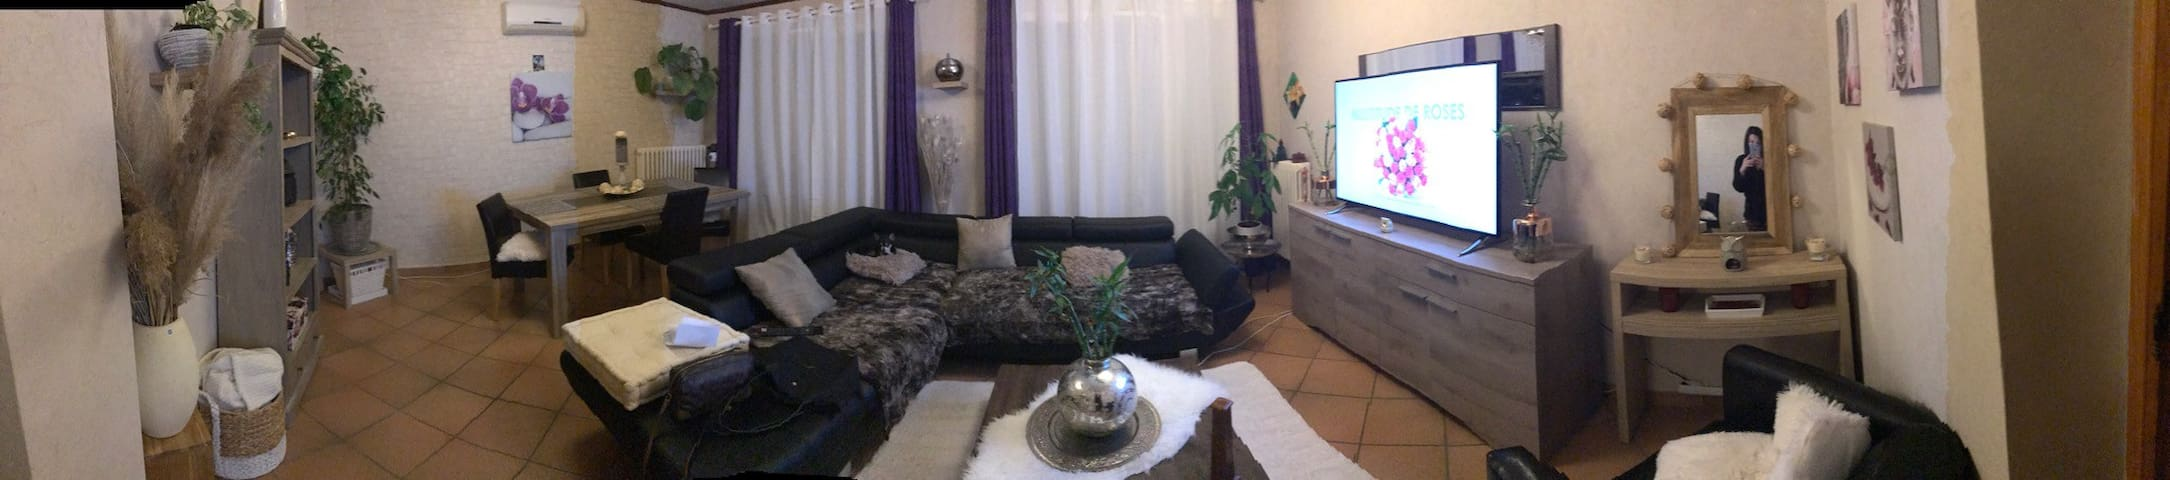 Bel appartement ensoleillé - Bourg-Saint-Andéol - Appartement